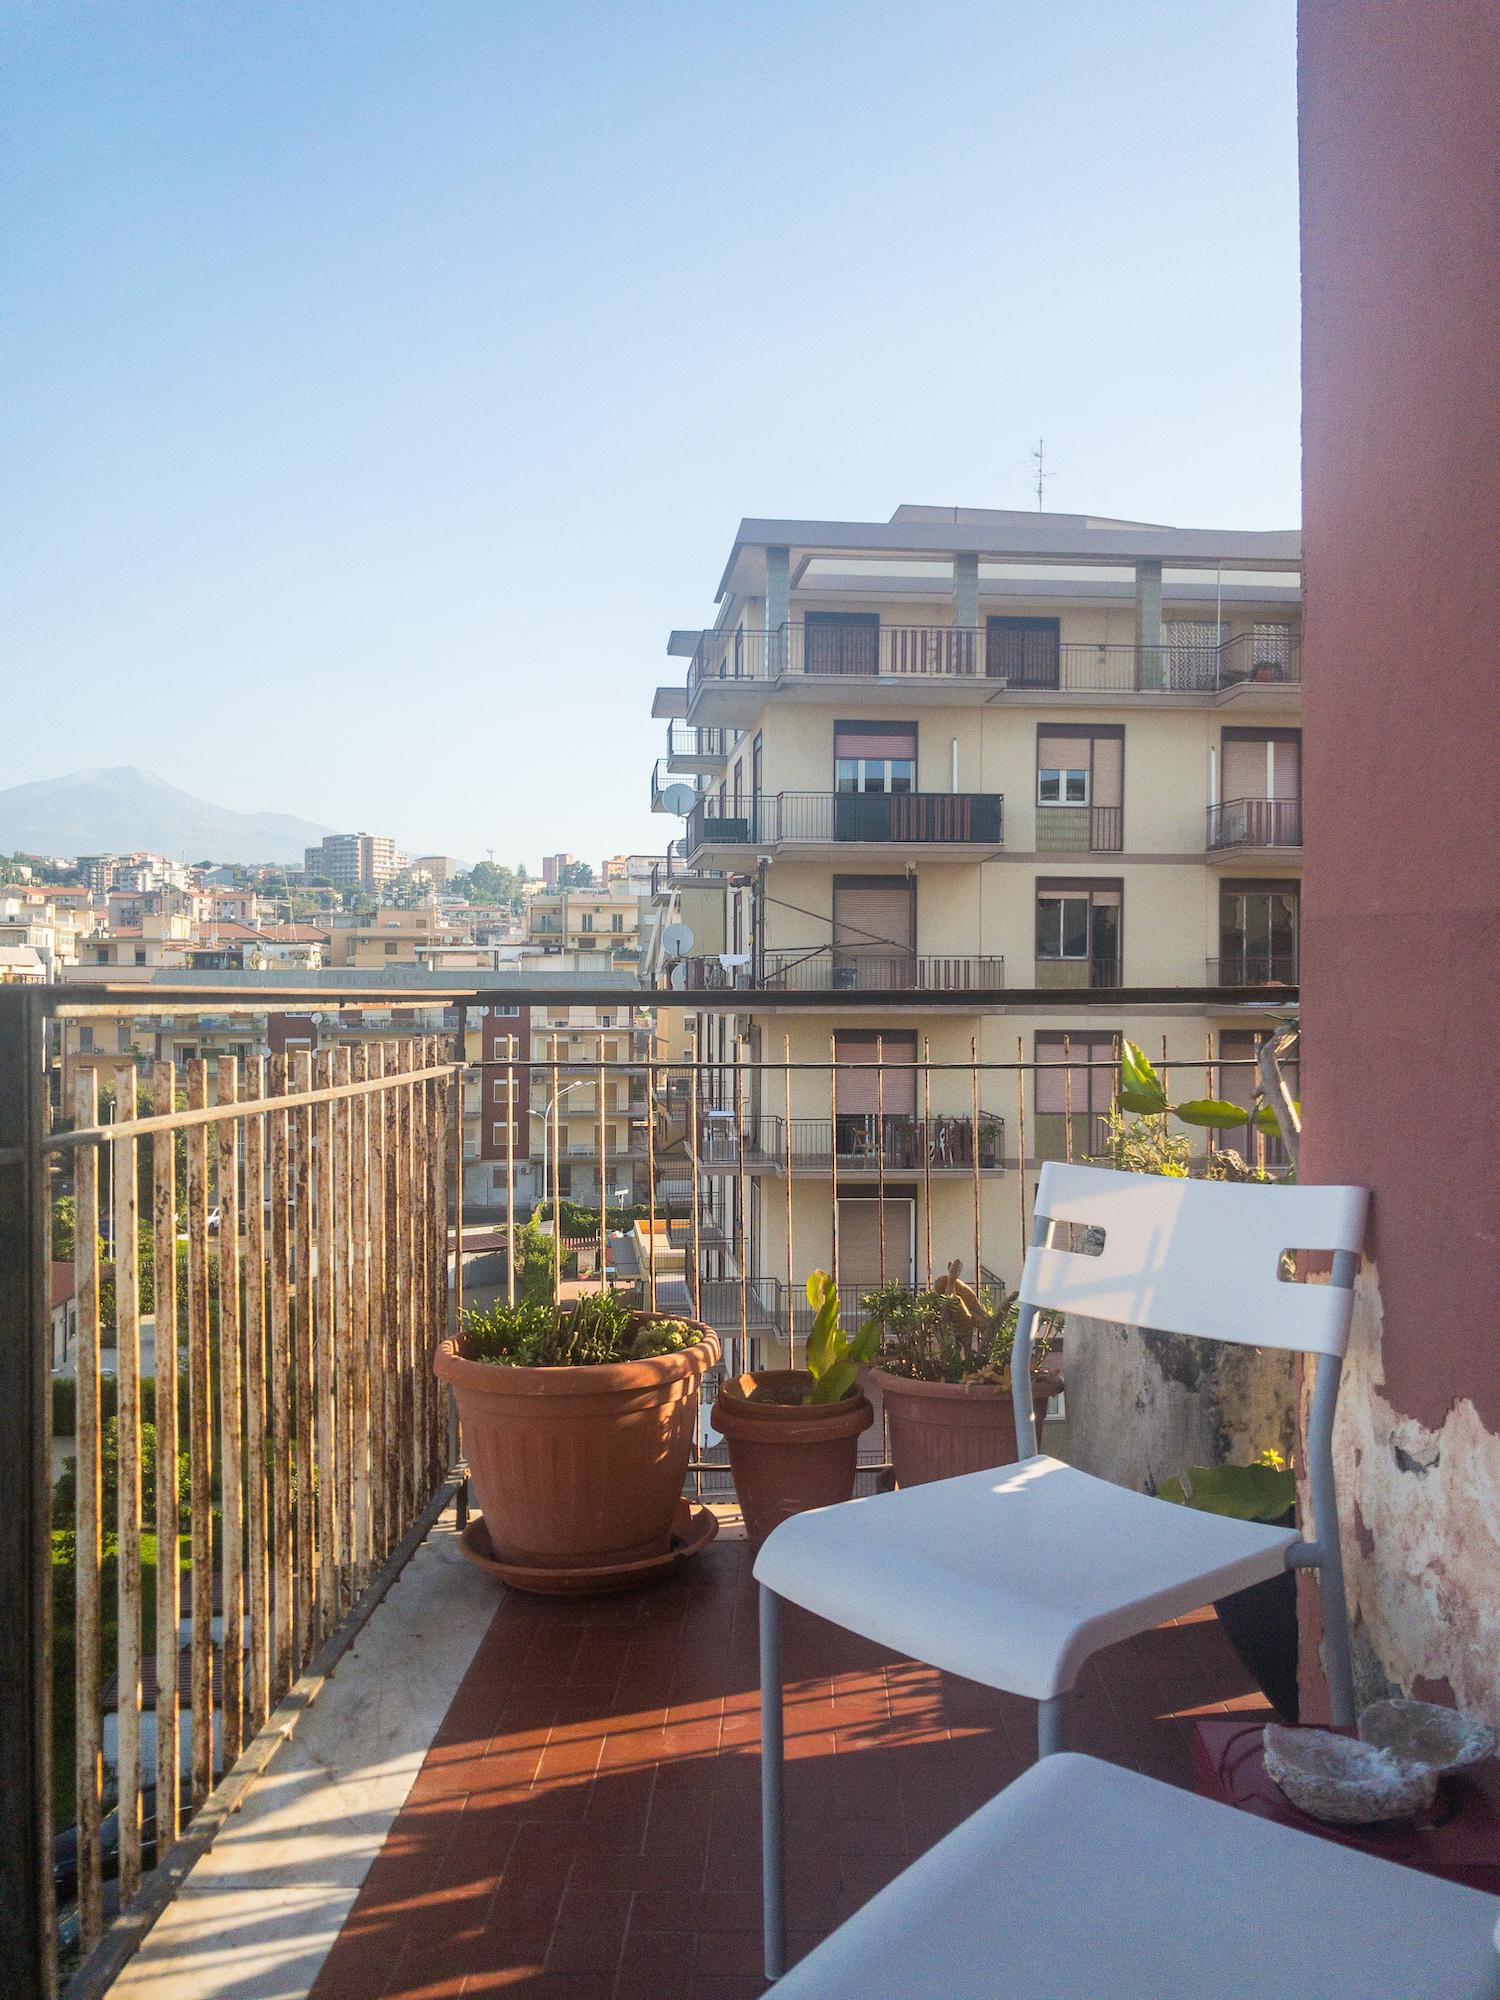 Airbnb balcony Sicily Catania.jpg